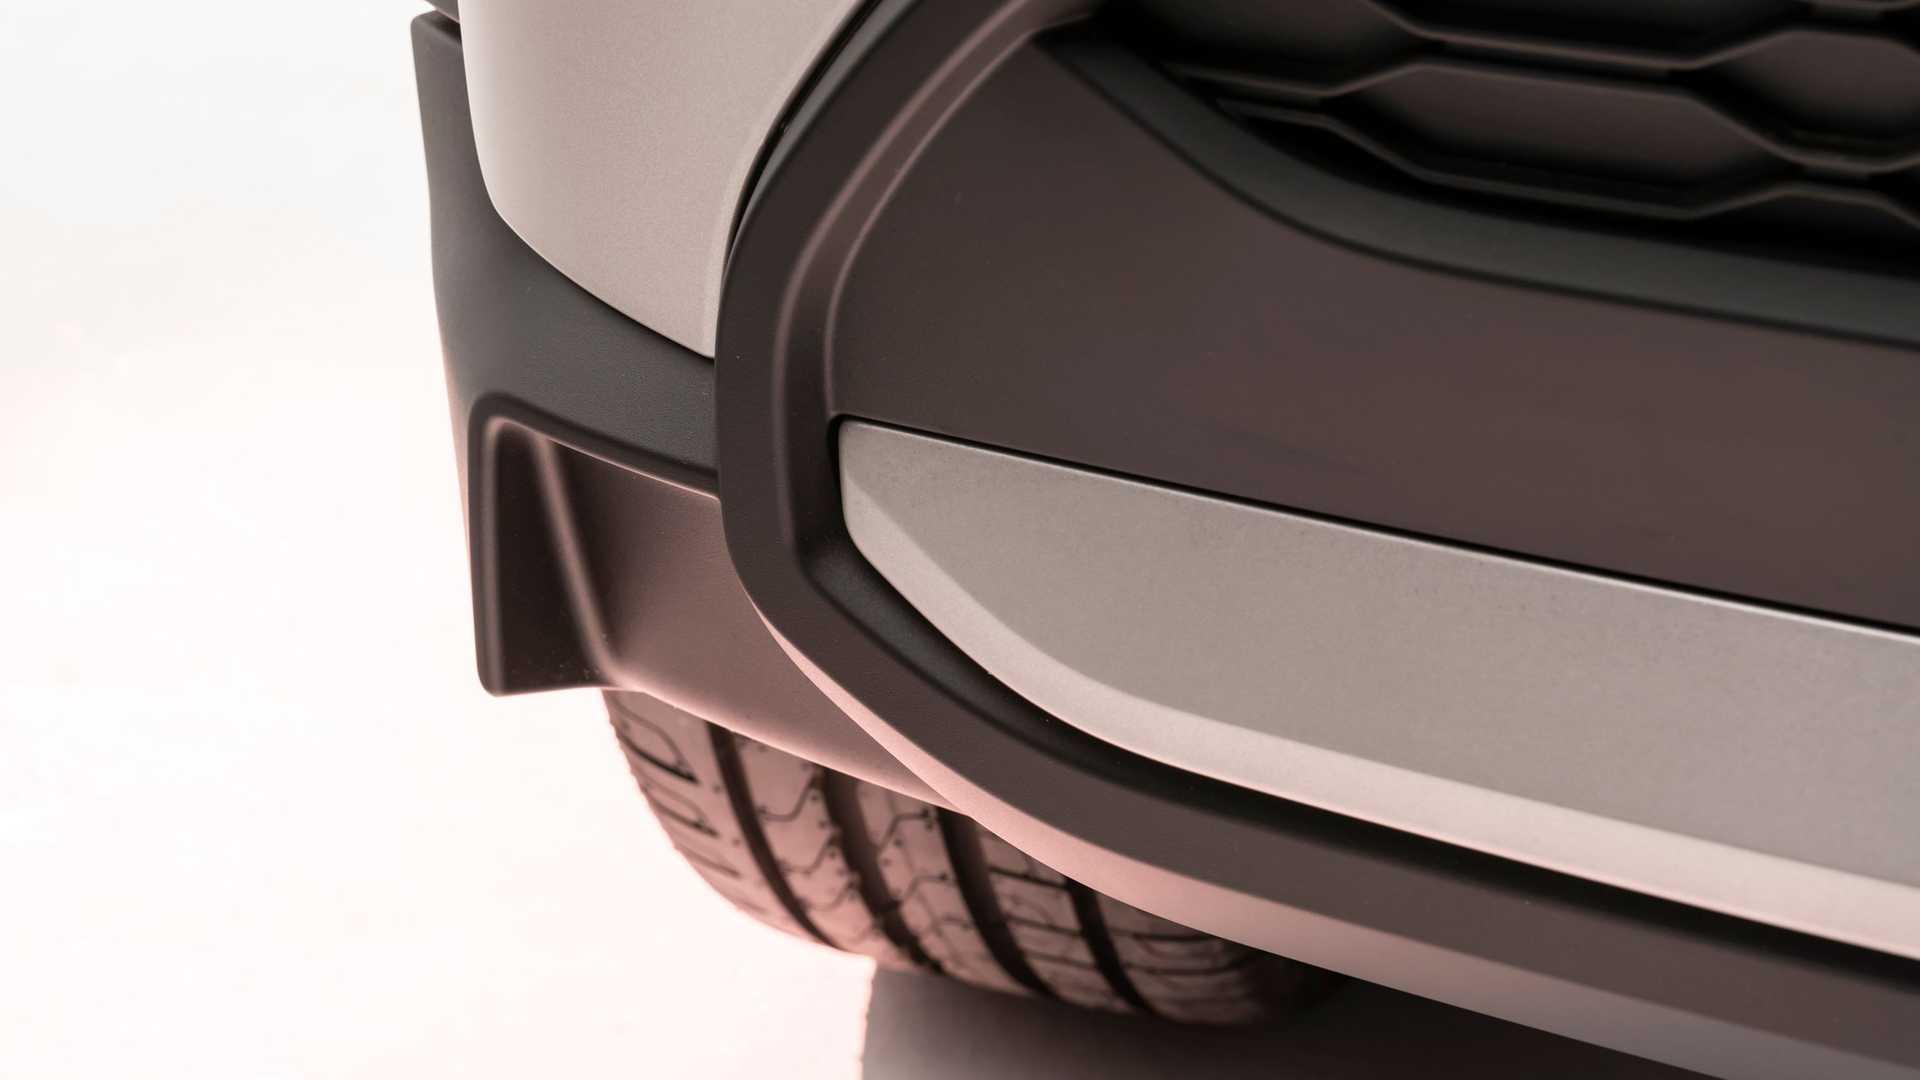 Mini-Cooper-facelift-2021-102